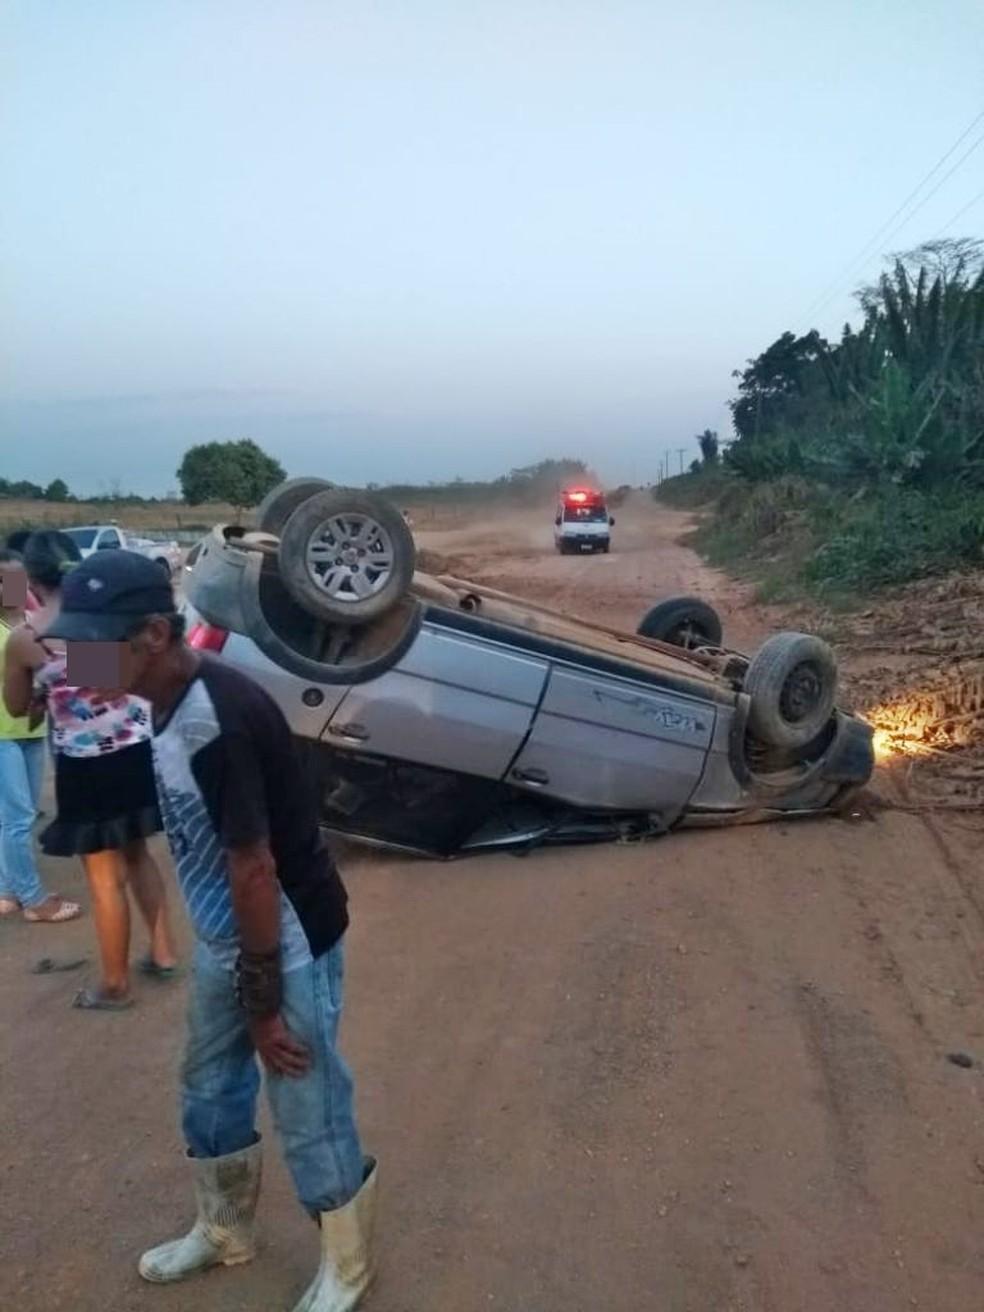 Idoso morre ao ser arremessado de carro após capotagem em estrada de Buritis, RO (Foto: Reprodução/WhatsApp)